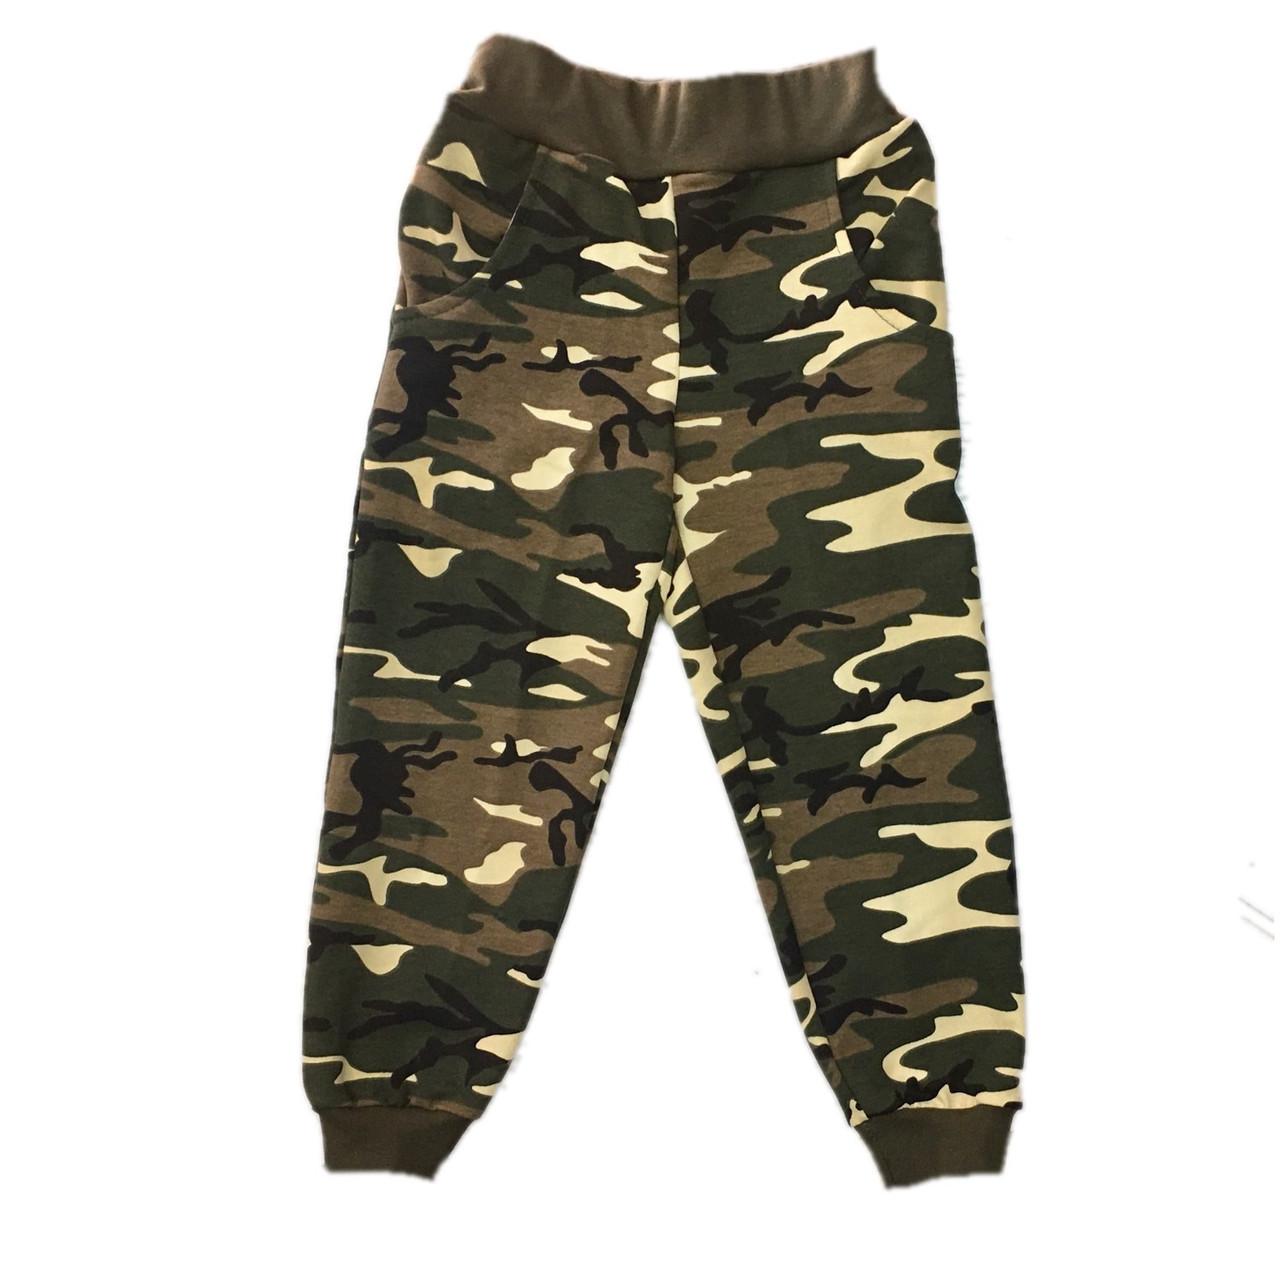 Спортивні штани на хлопчика, камуфляж, 128см